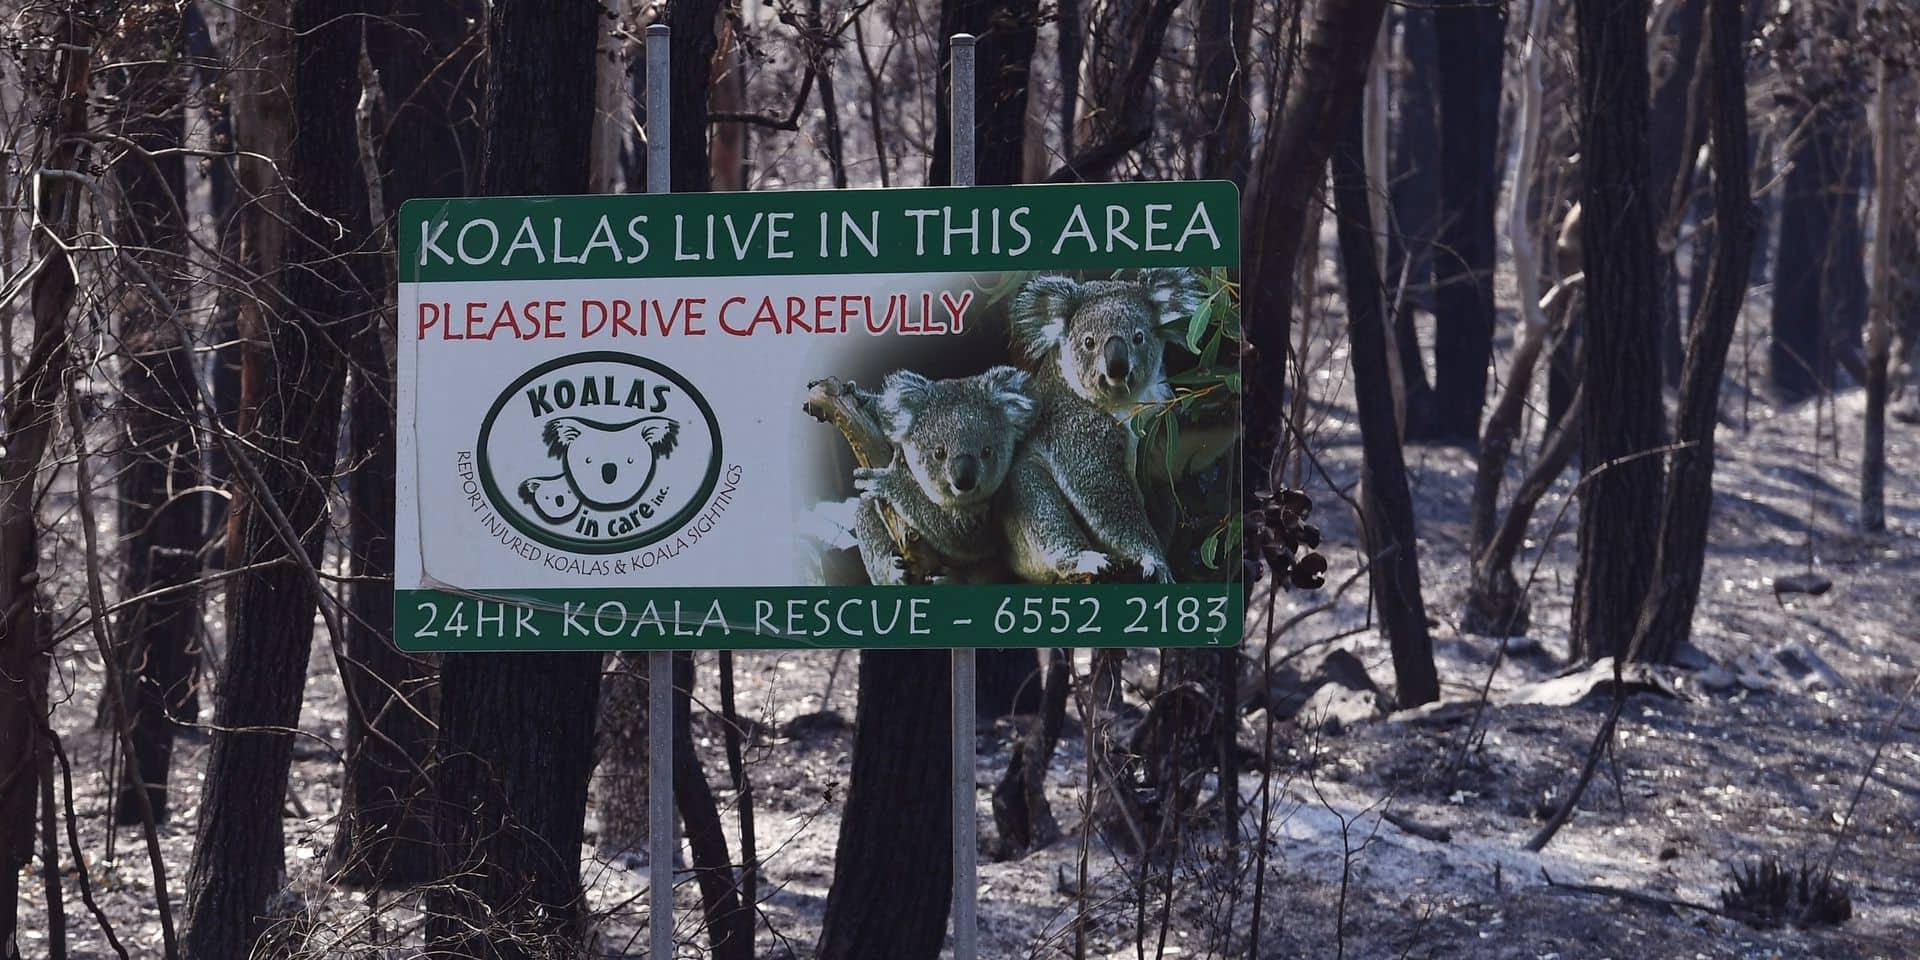 Feux de forêt en Australie : un koala assoiffé réclame de l'eau à un groupe de cyclistes près d'Adelaide